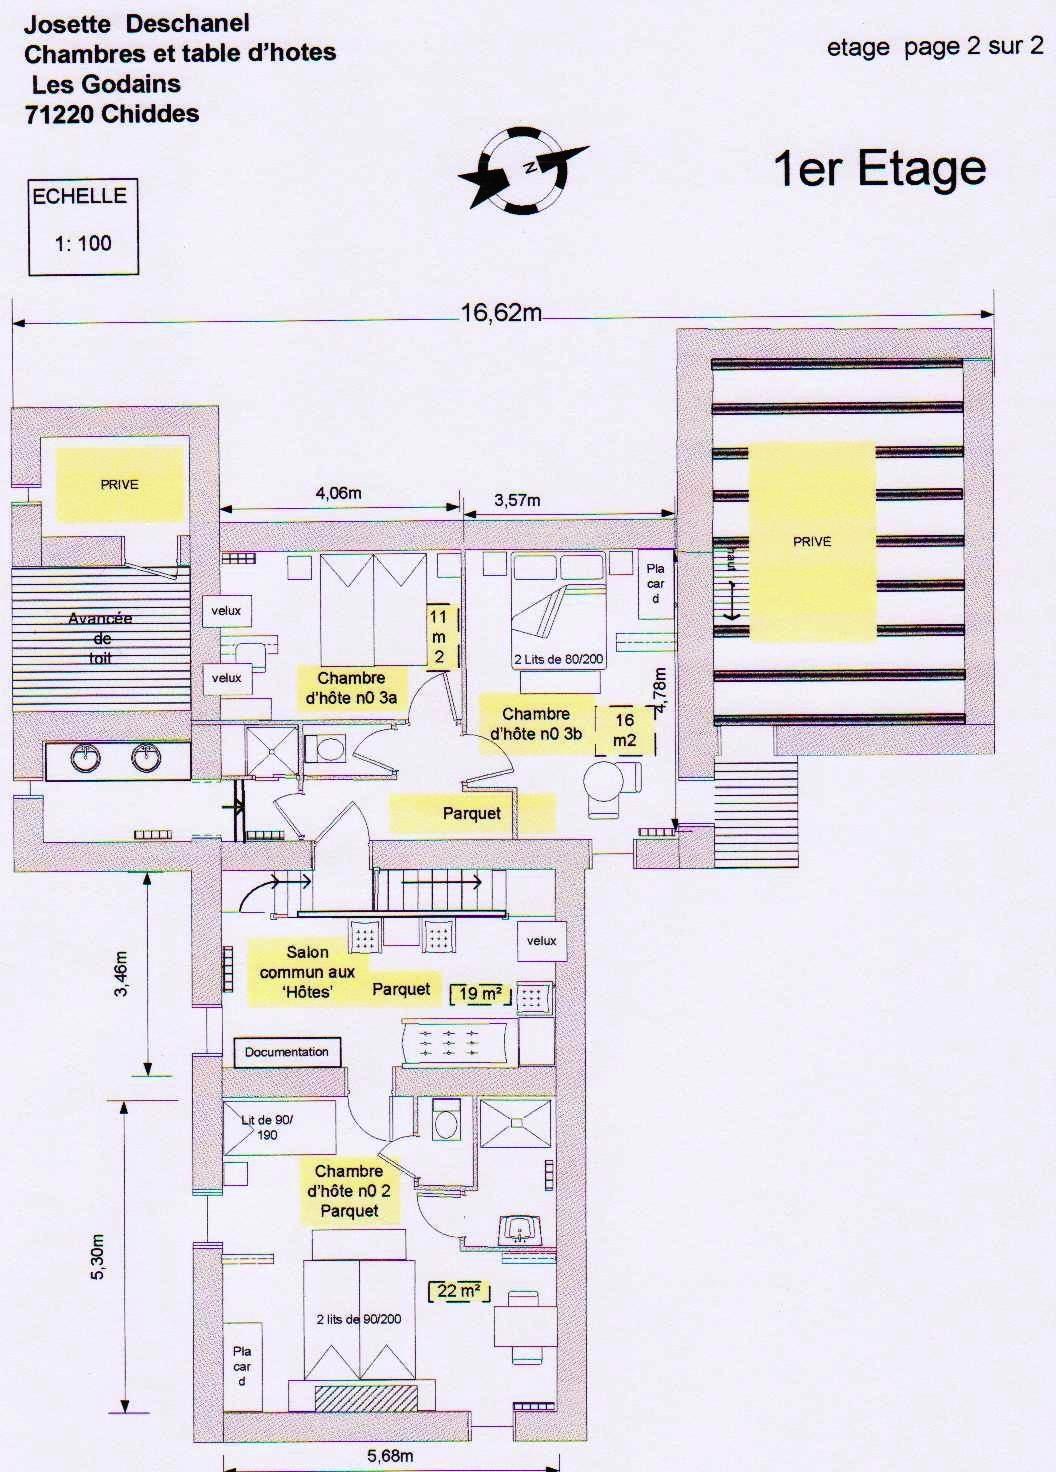 Plan chambre dhote1er Etage